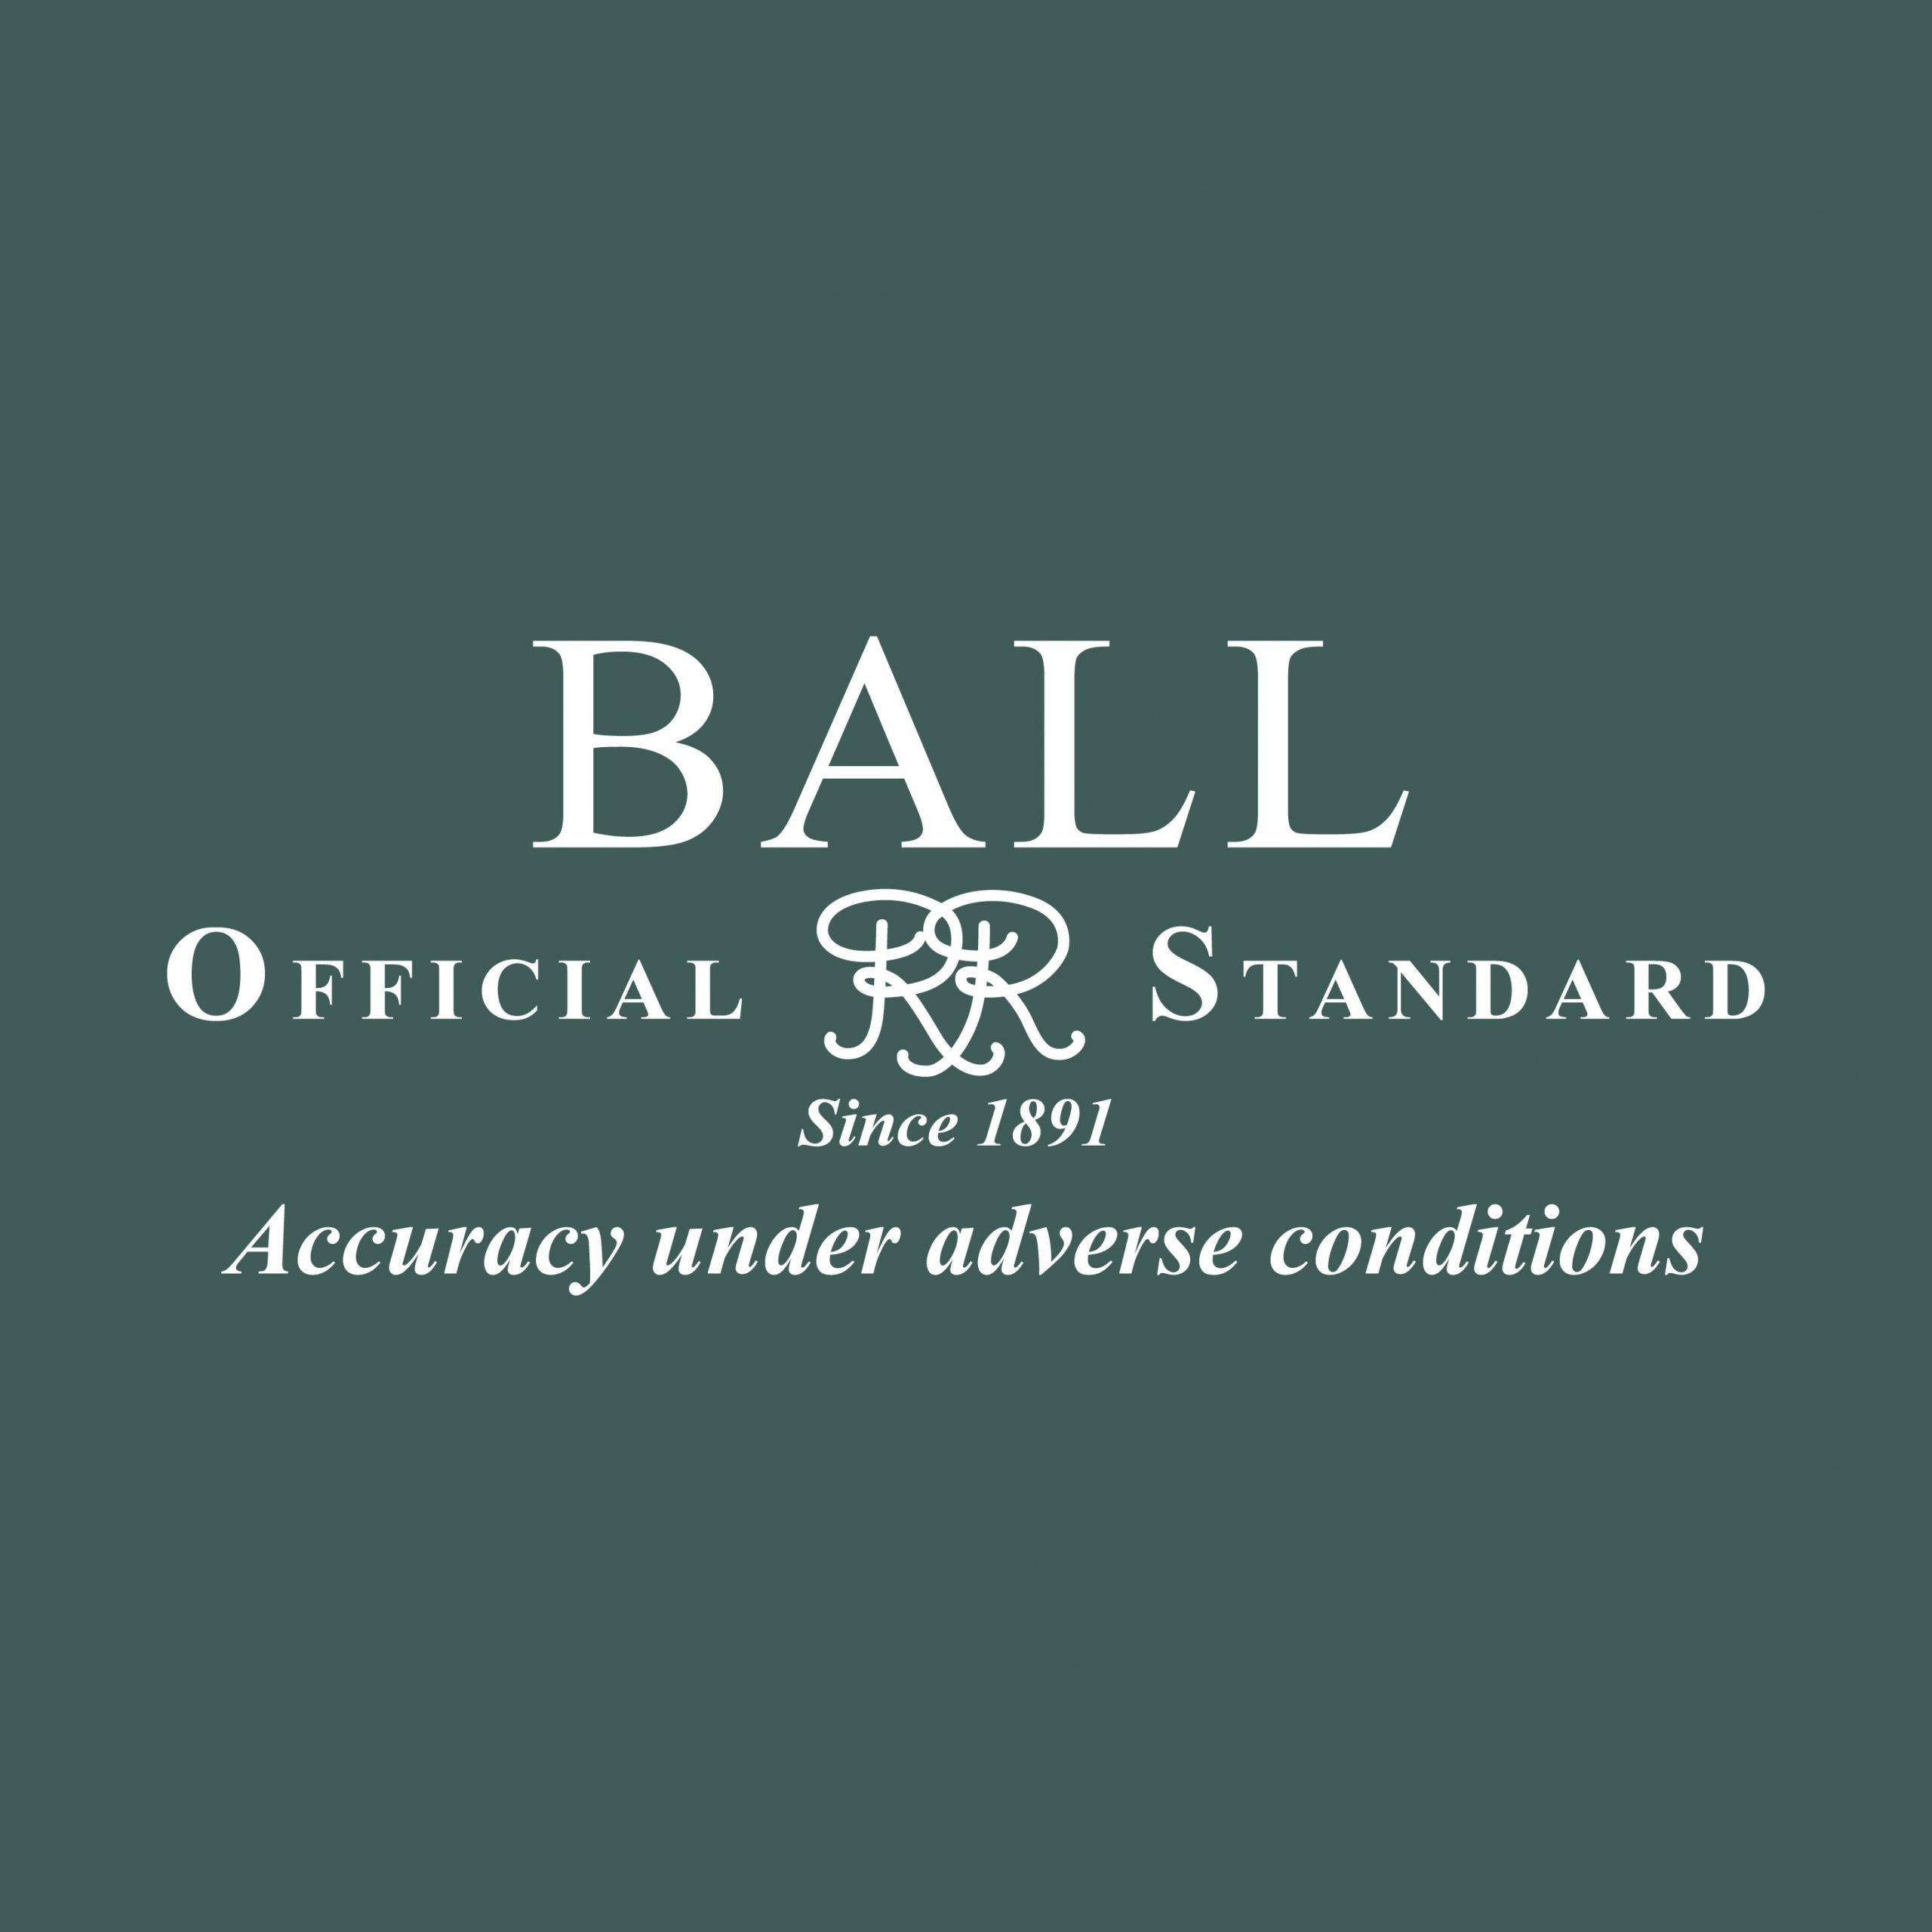 ボール ロゴ